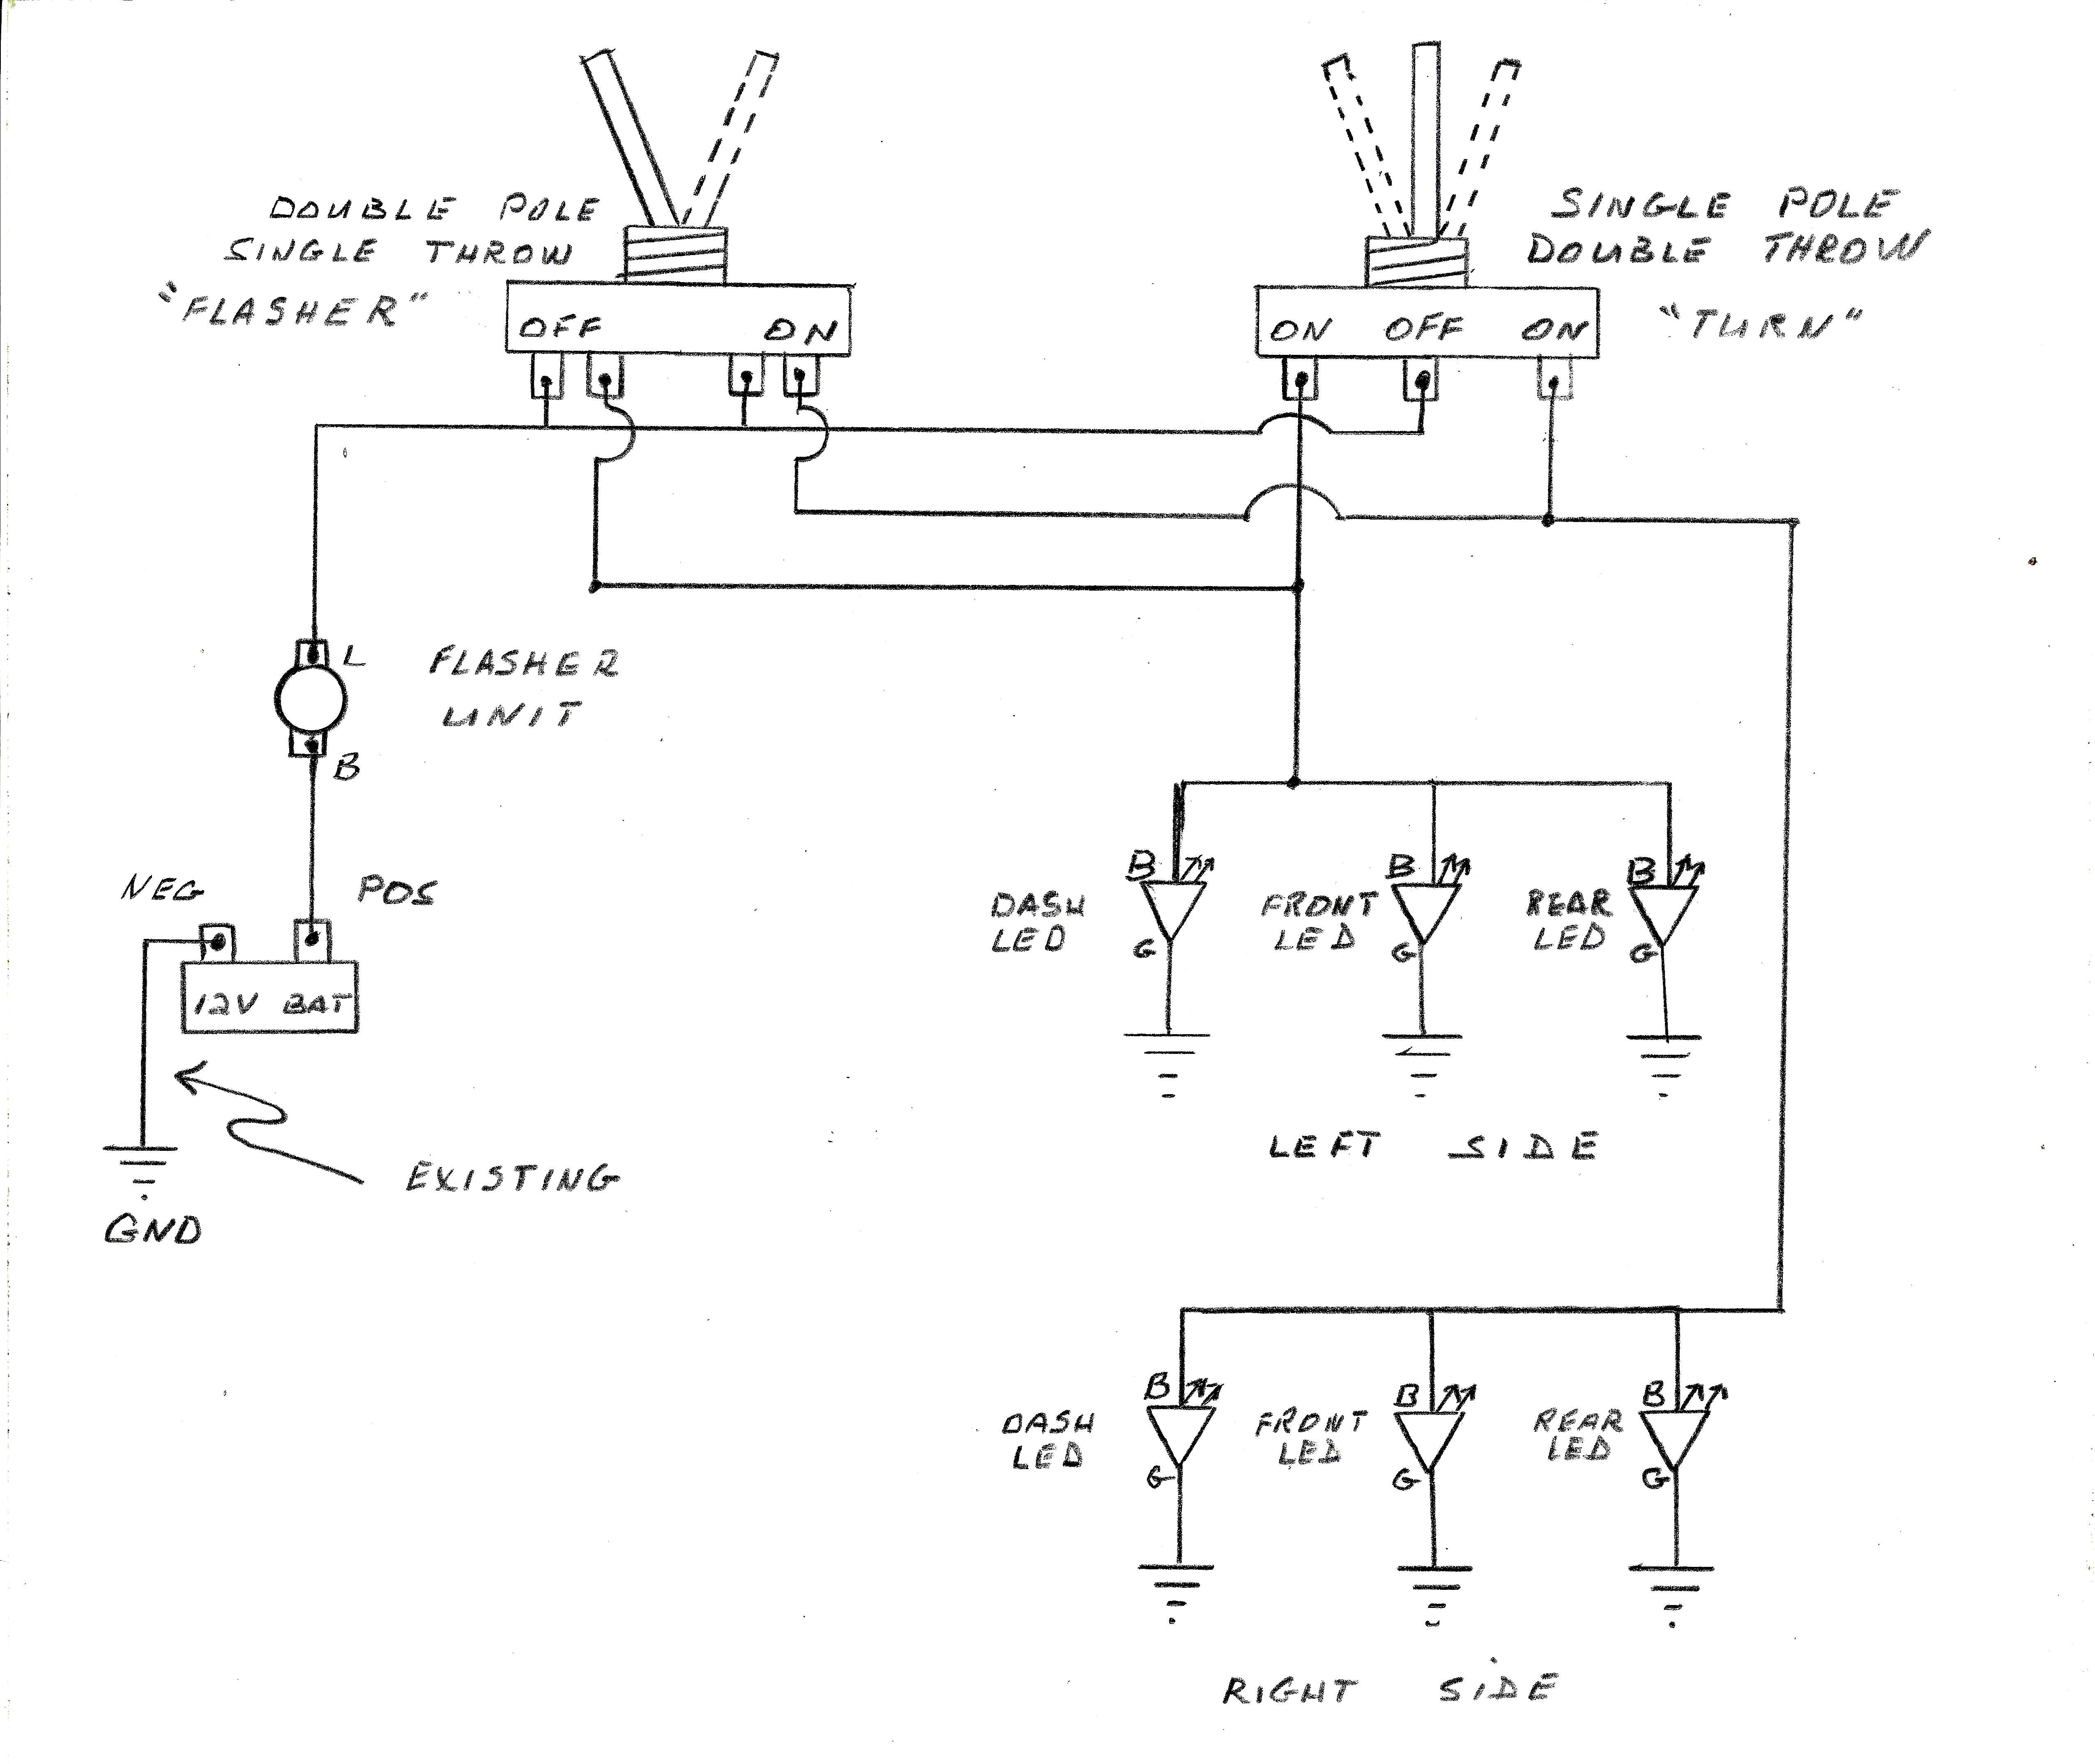 2 Prong Flasher Wiring Diagram] toyota Turn Signal Wiring Diagram Full Version Hd Of 2 Prong Flasher Wiring